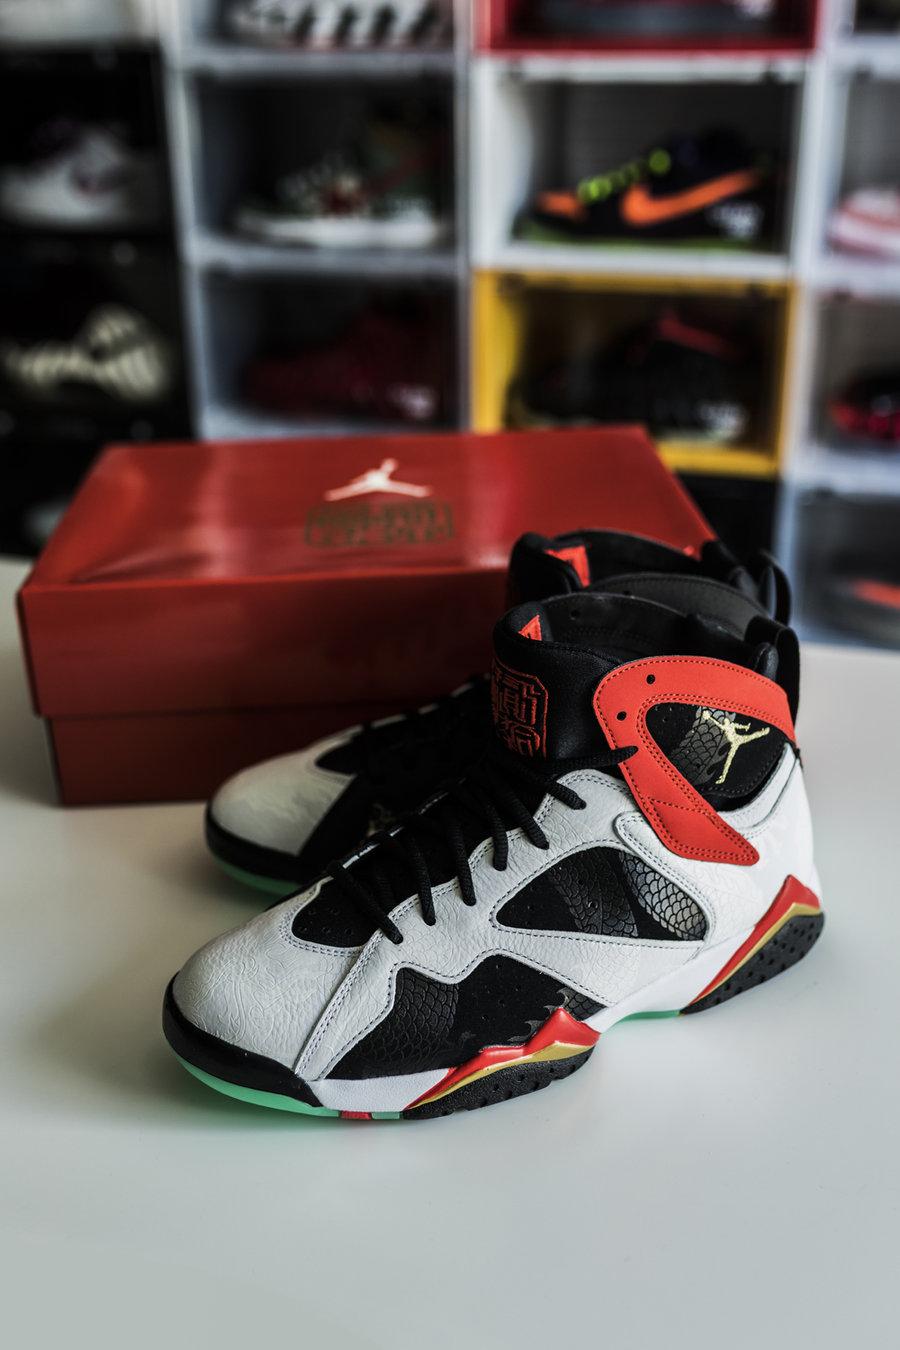 Air Jordan 7,AJ7,发售,开箱  神秘中国风 AJ 抢先开箱!这几个汉字你可能看不懂!